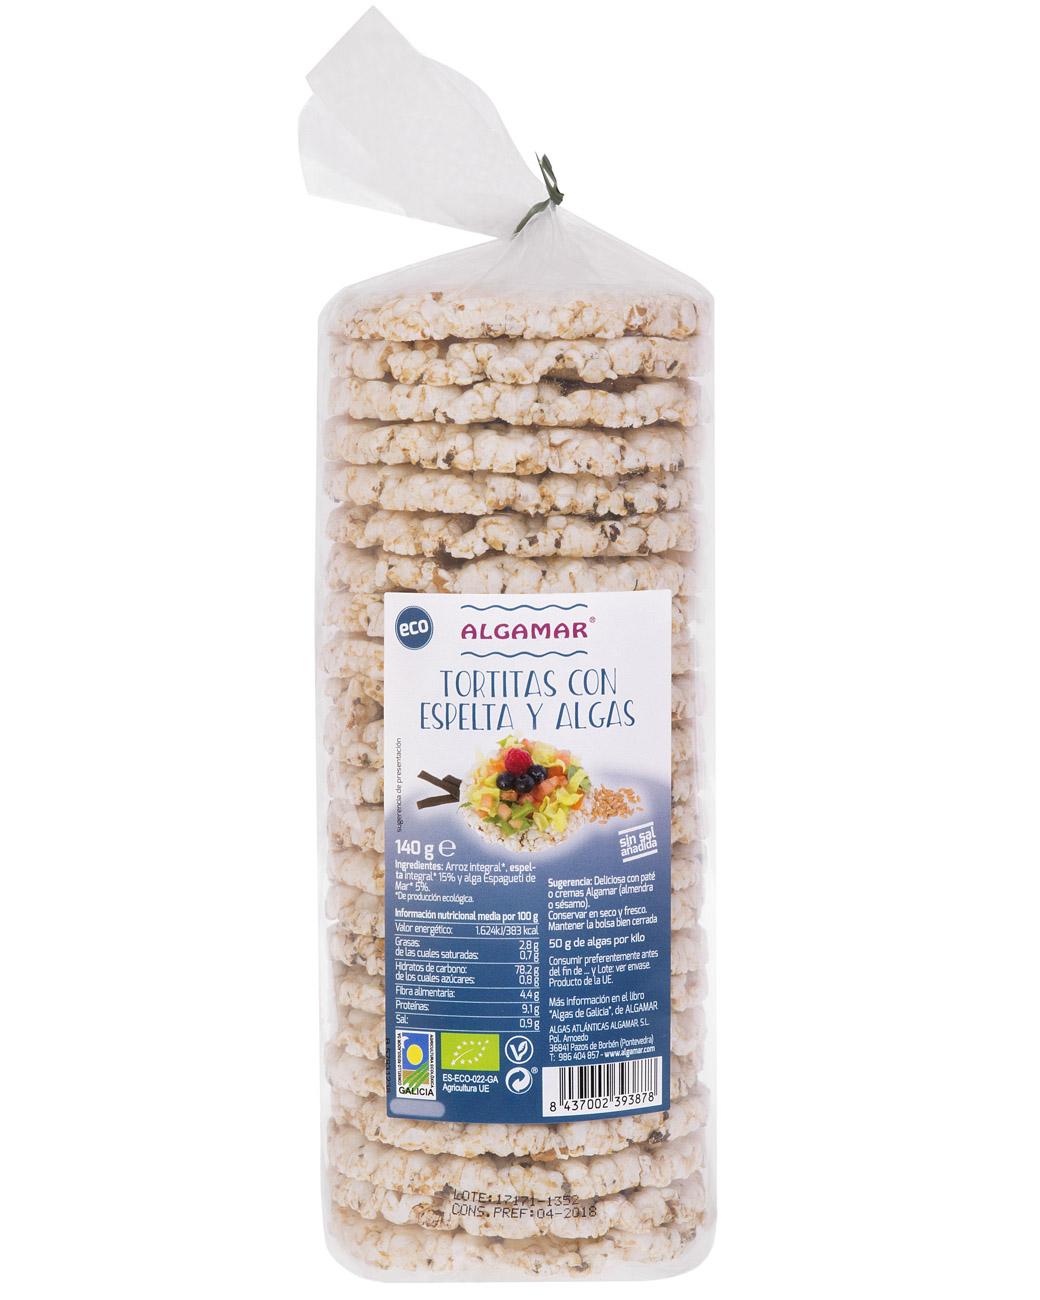 18-algamar-tortitas-espelta-y-algas-140g